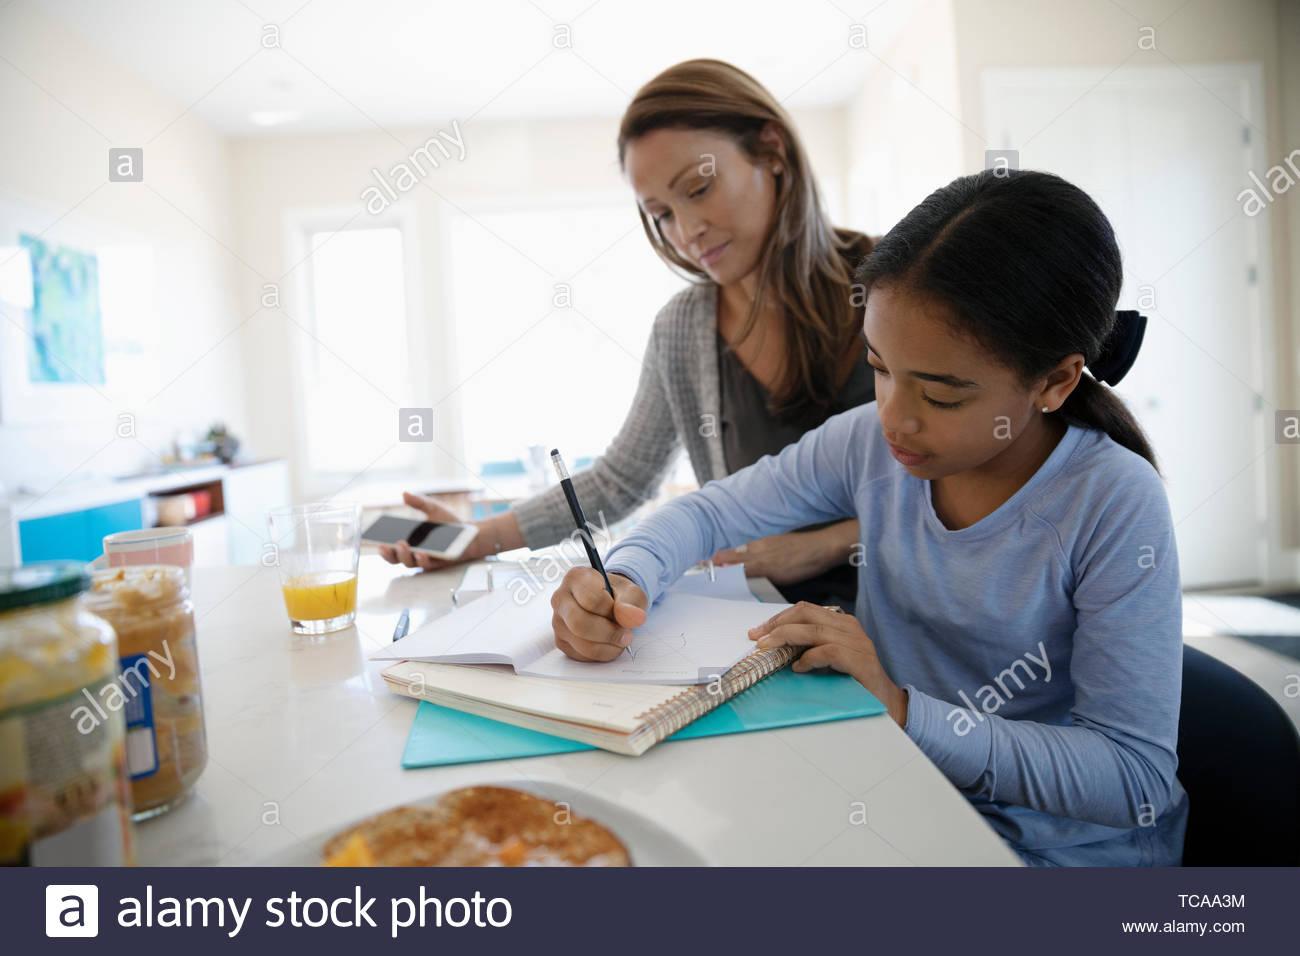 Mère fille aidant à faire leurs devoirs dans la cuisine Banque D'Images